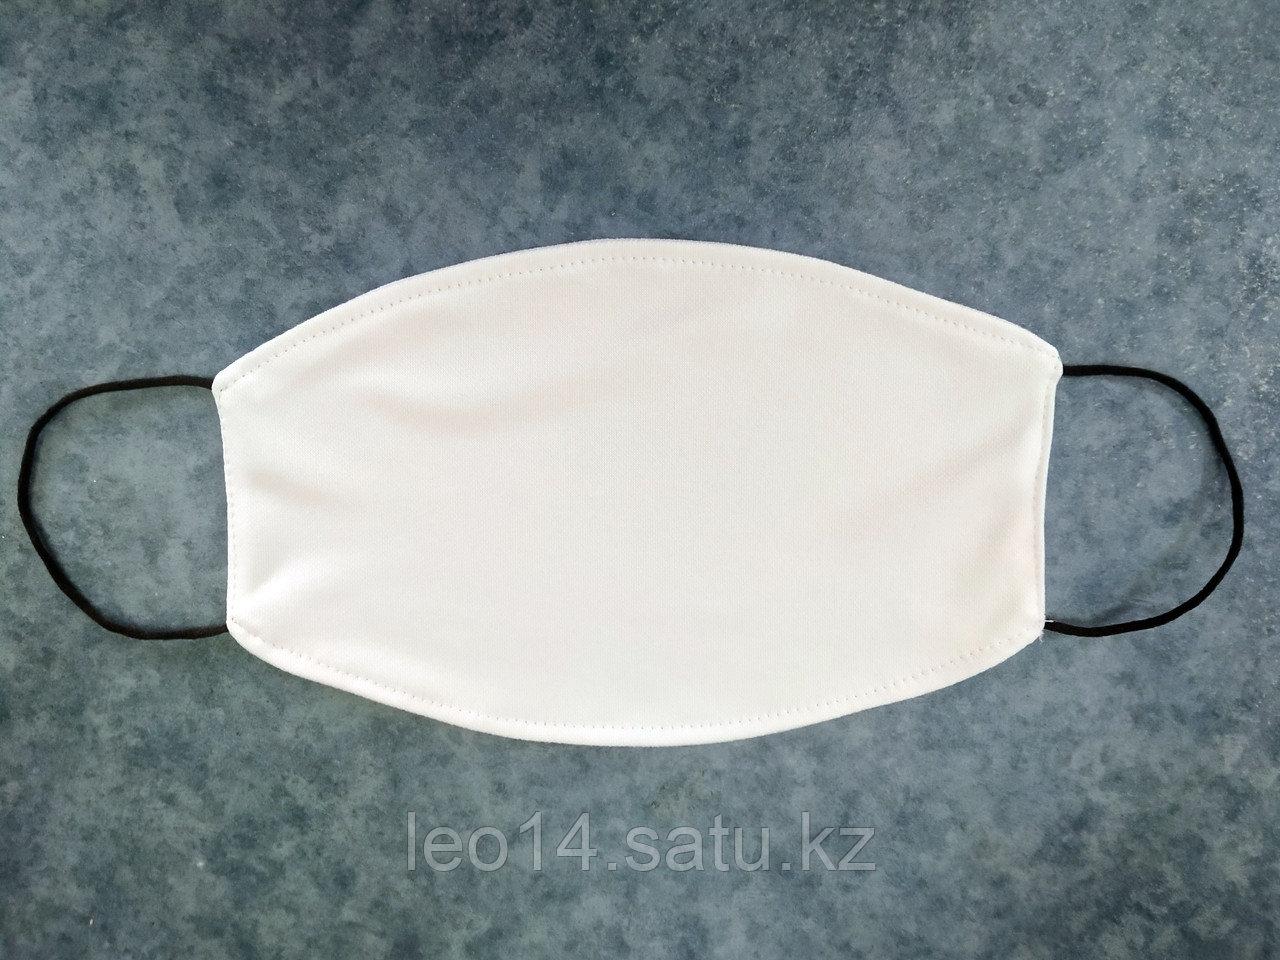 Маска для сублимации, Дет,  Белая резинка